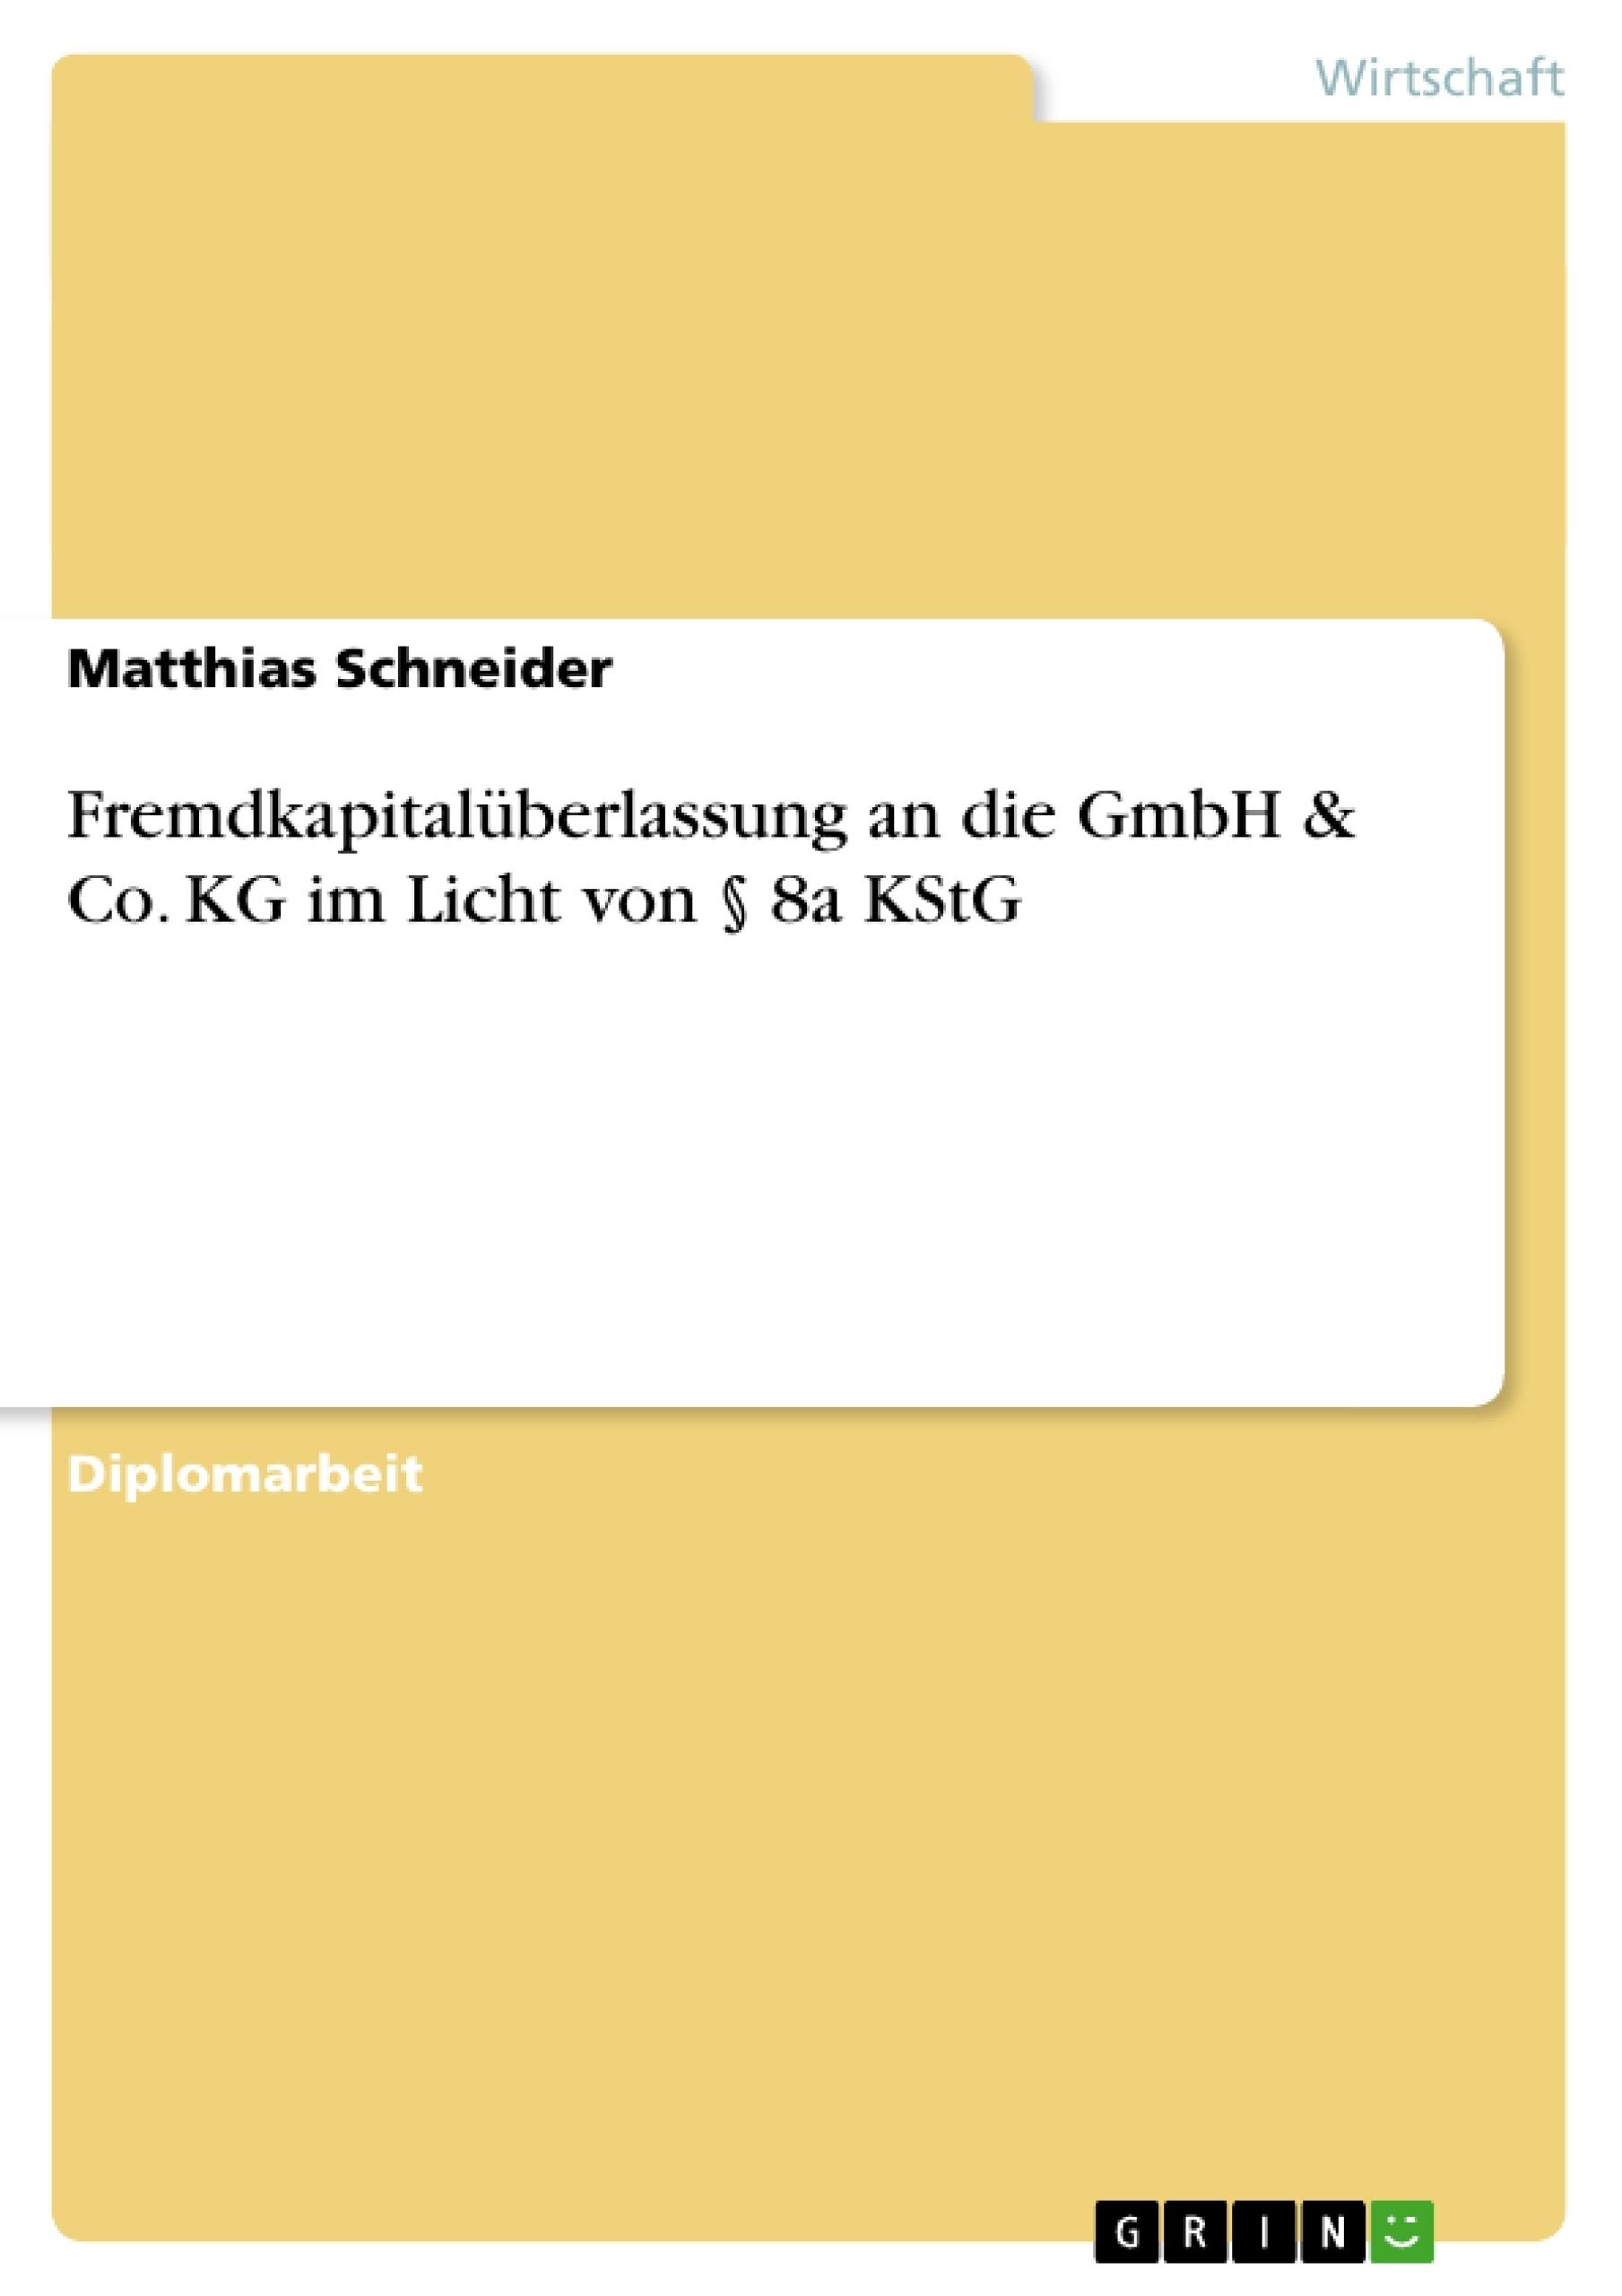 Titel: Fremdkapitalüberlassung an die GmbH & Co. KG im Licht von § 8a KStG